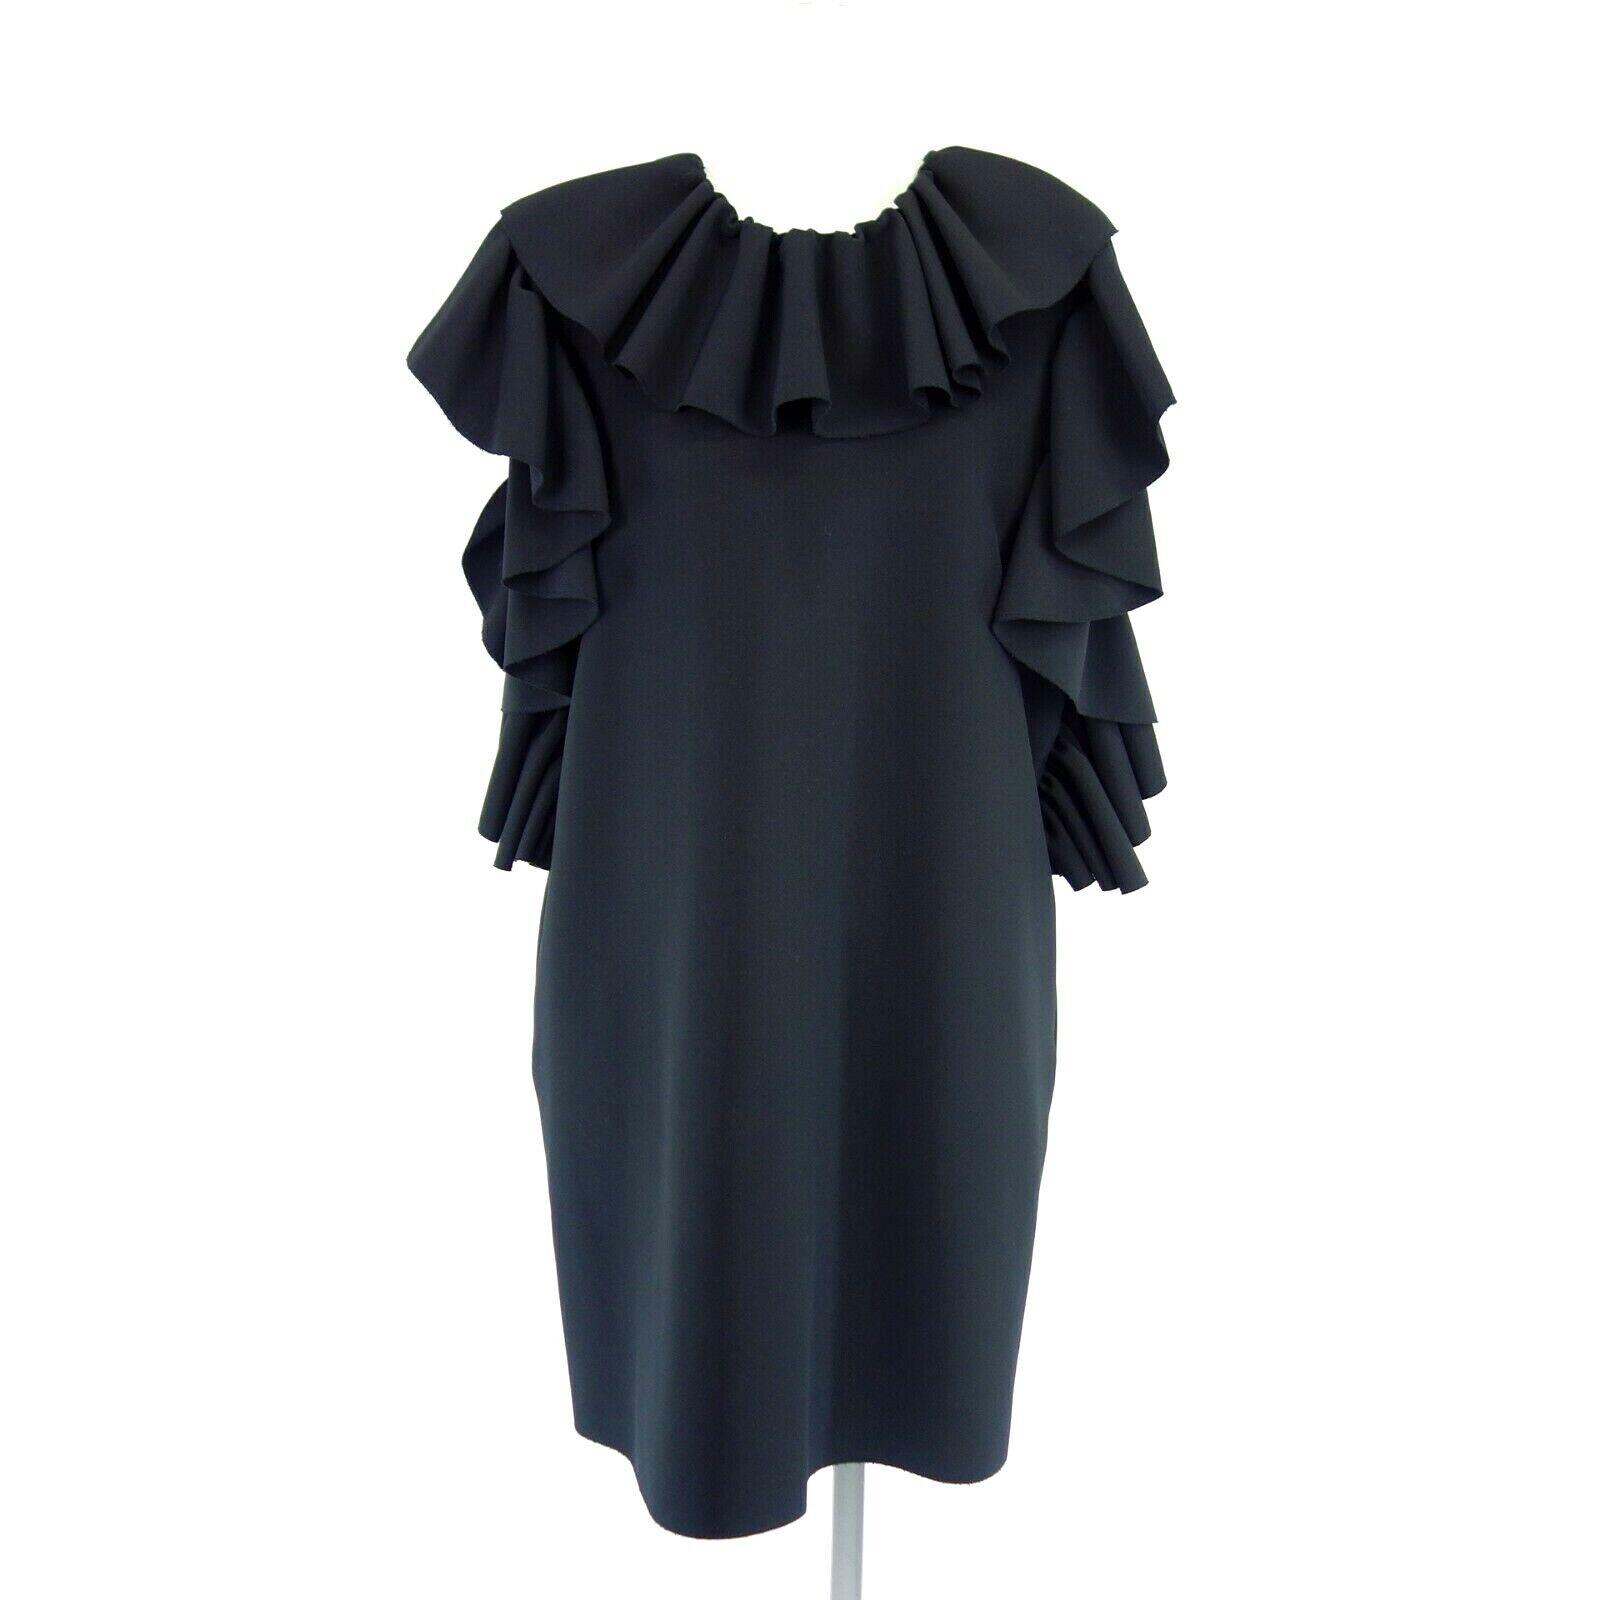 MSGM Milano Damen Kleid IT 44 DE 38 Schwarz Etuikleid Volant Elegant Np 445 Neu